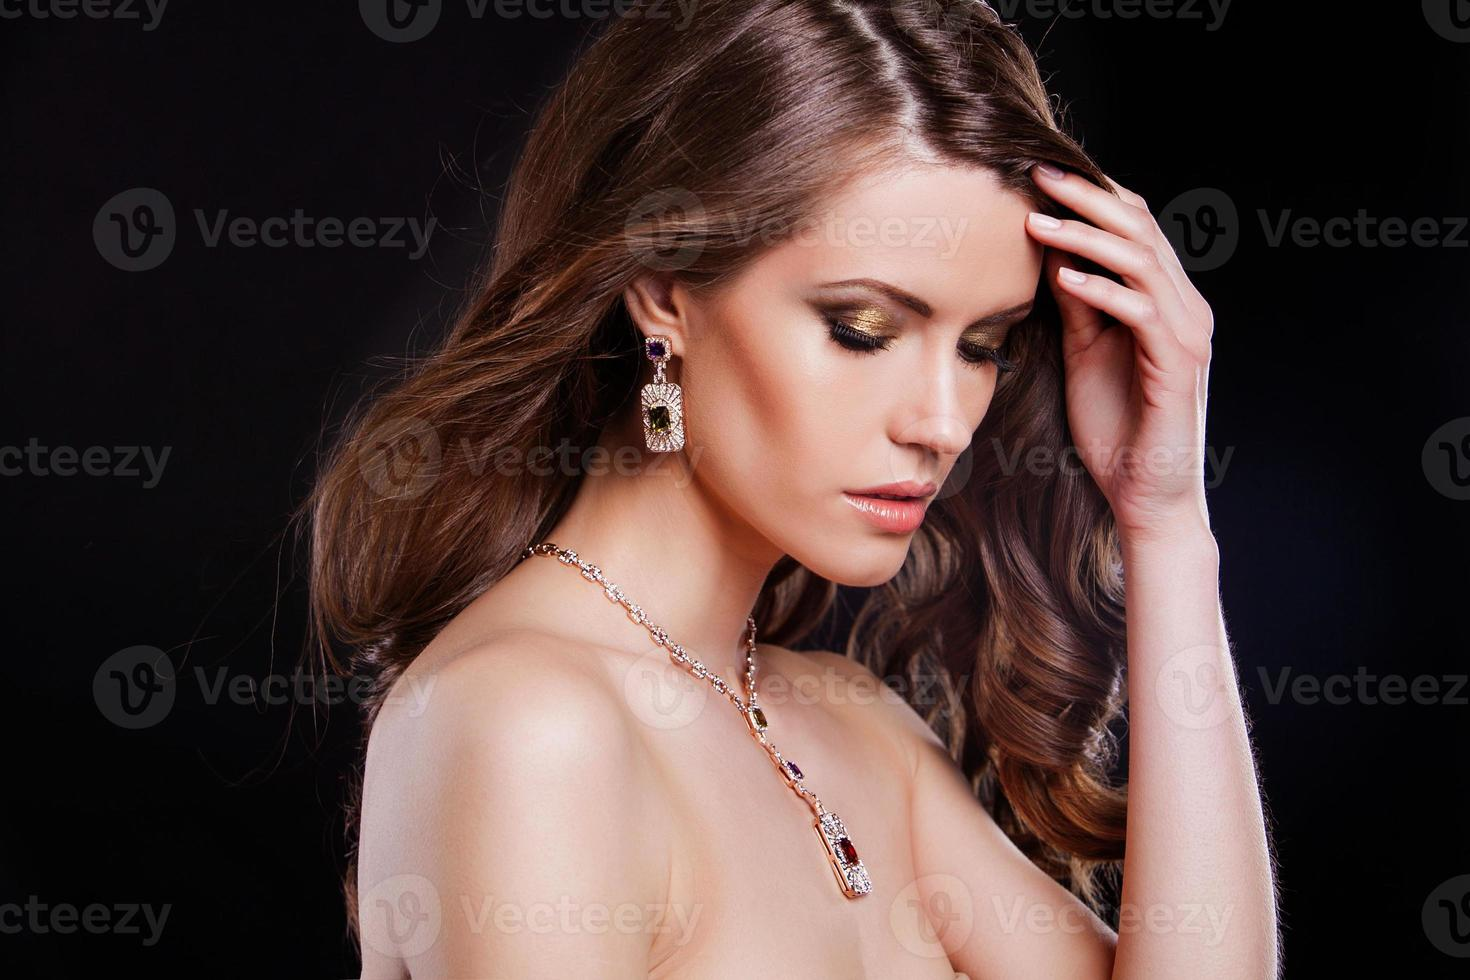 Ritratto di una bellissima modella con accessori di lusso foto